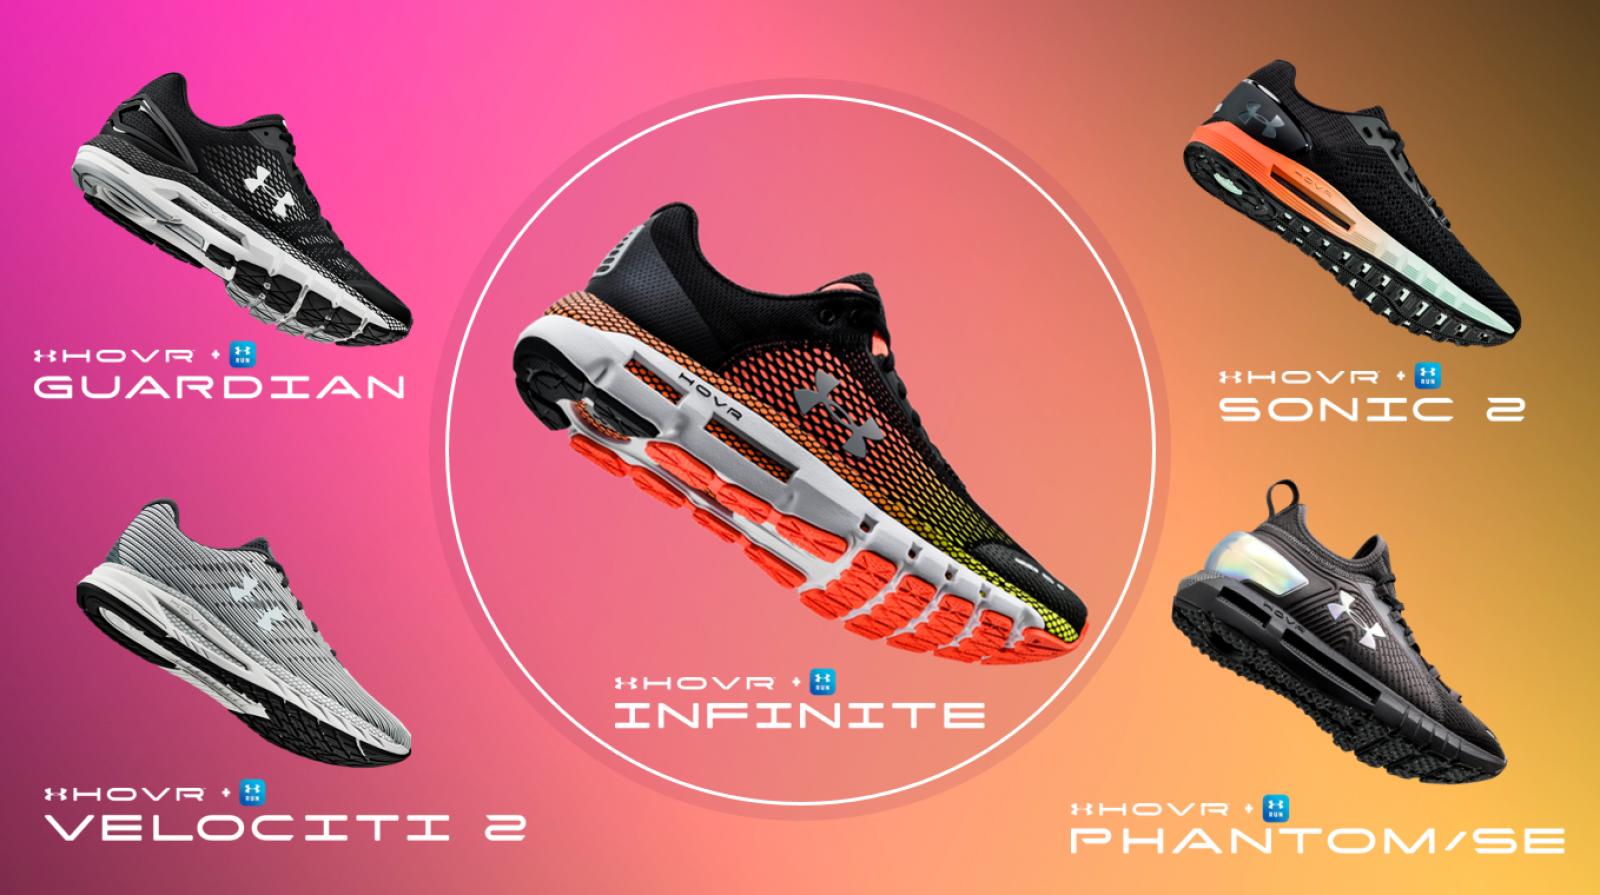 Едва ли Марти МакФлай мечтал о таких кроссовках, но будущее — именно за ними